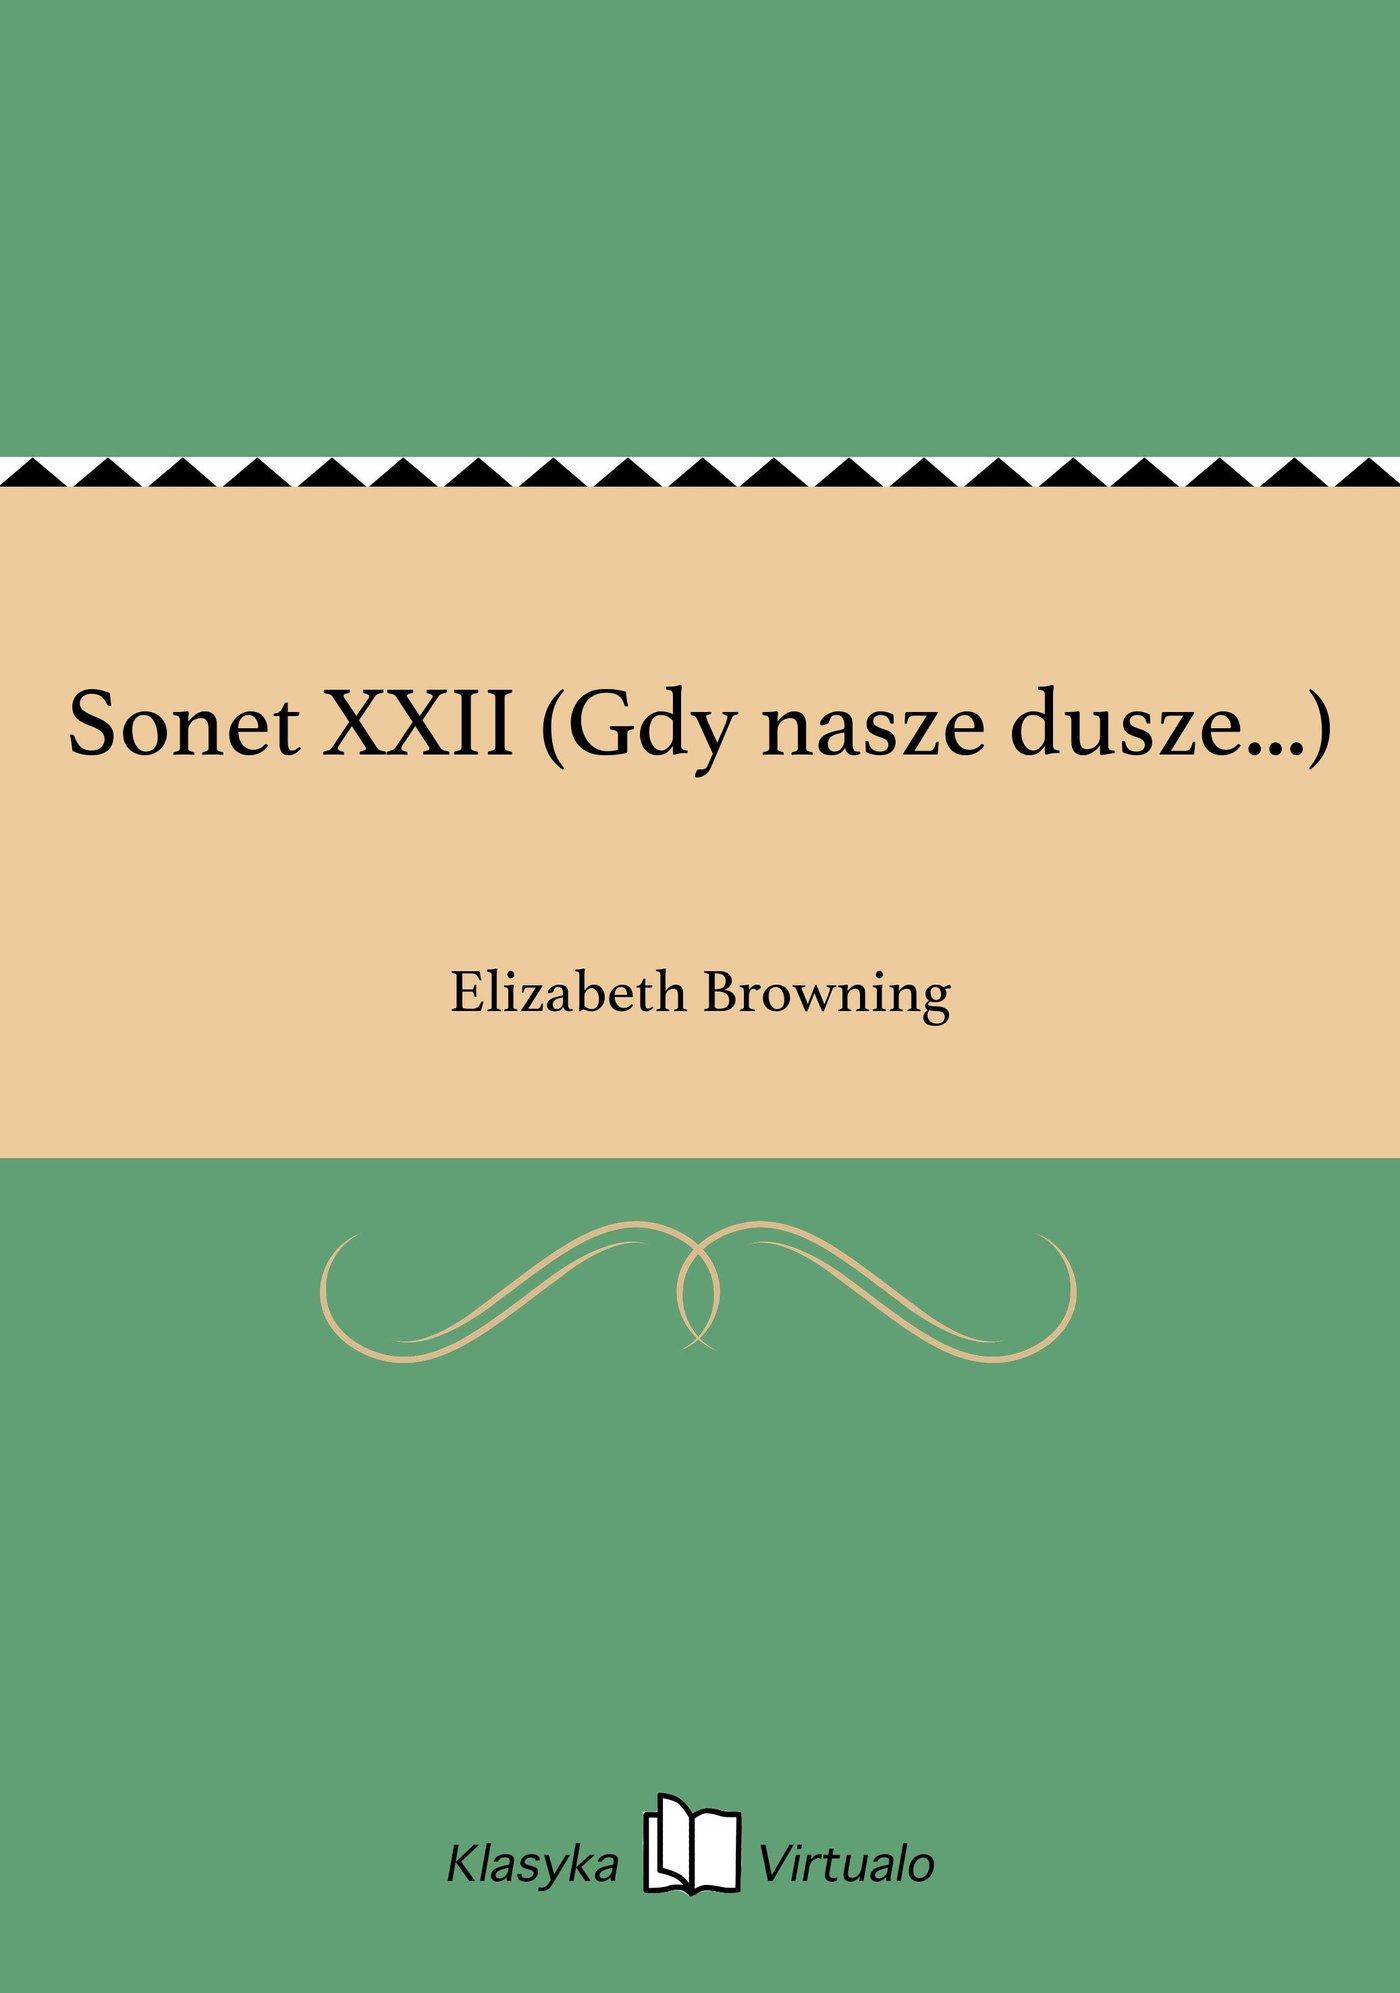 Sonet XXII (Gdy nasze dusze...) - Ebook (Książka na Kindle) do pobrania w formacie MOBI